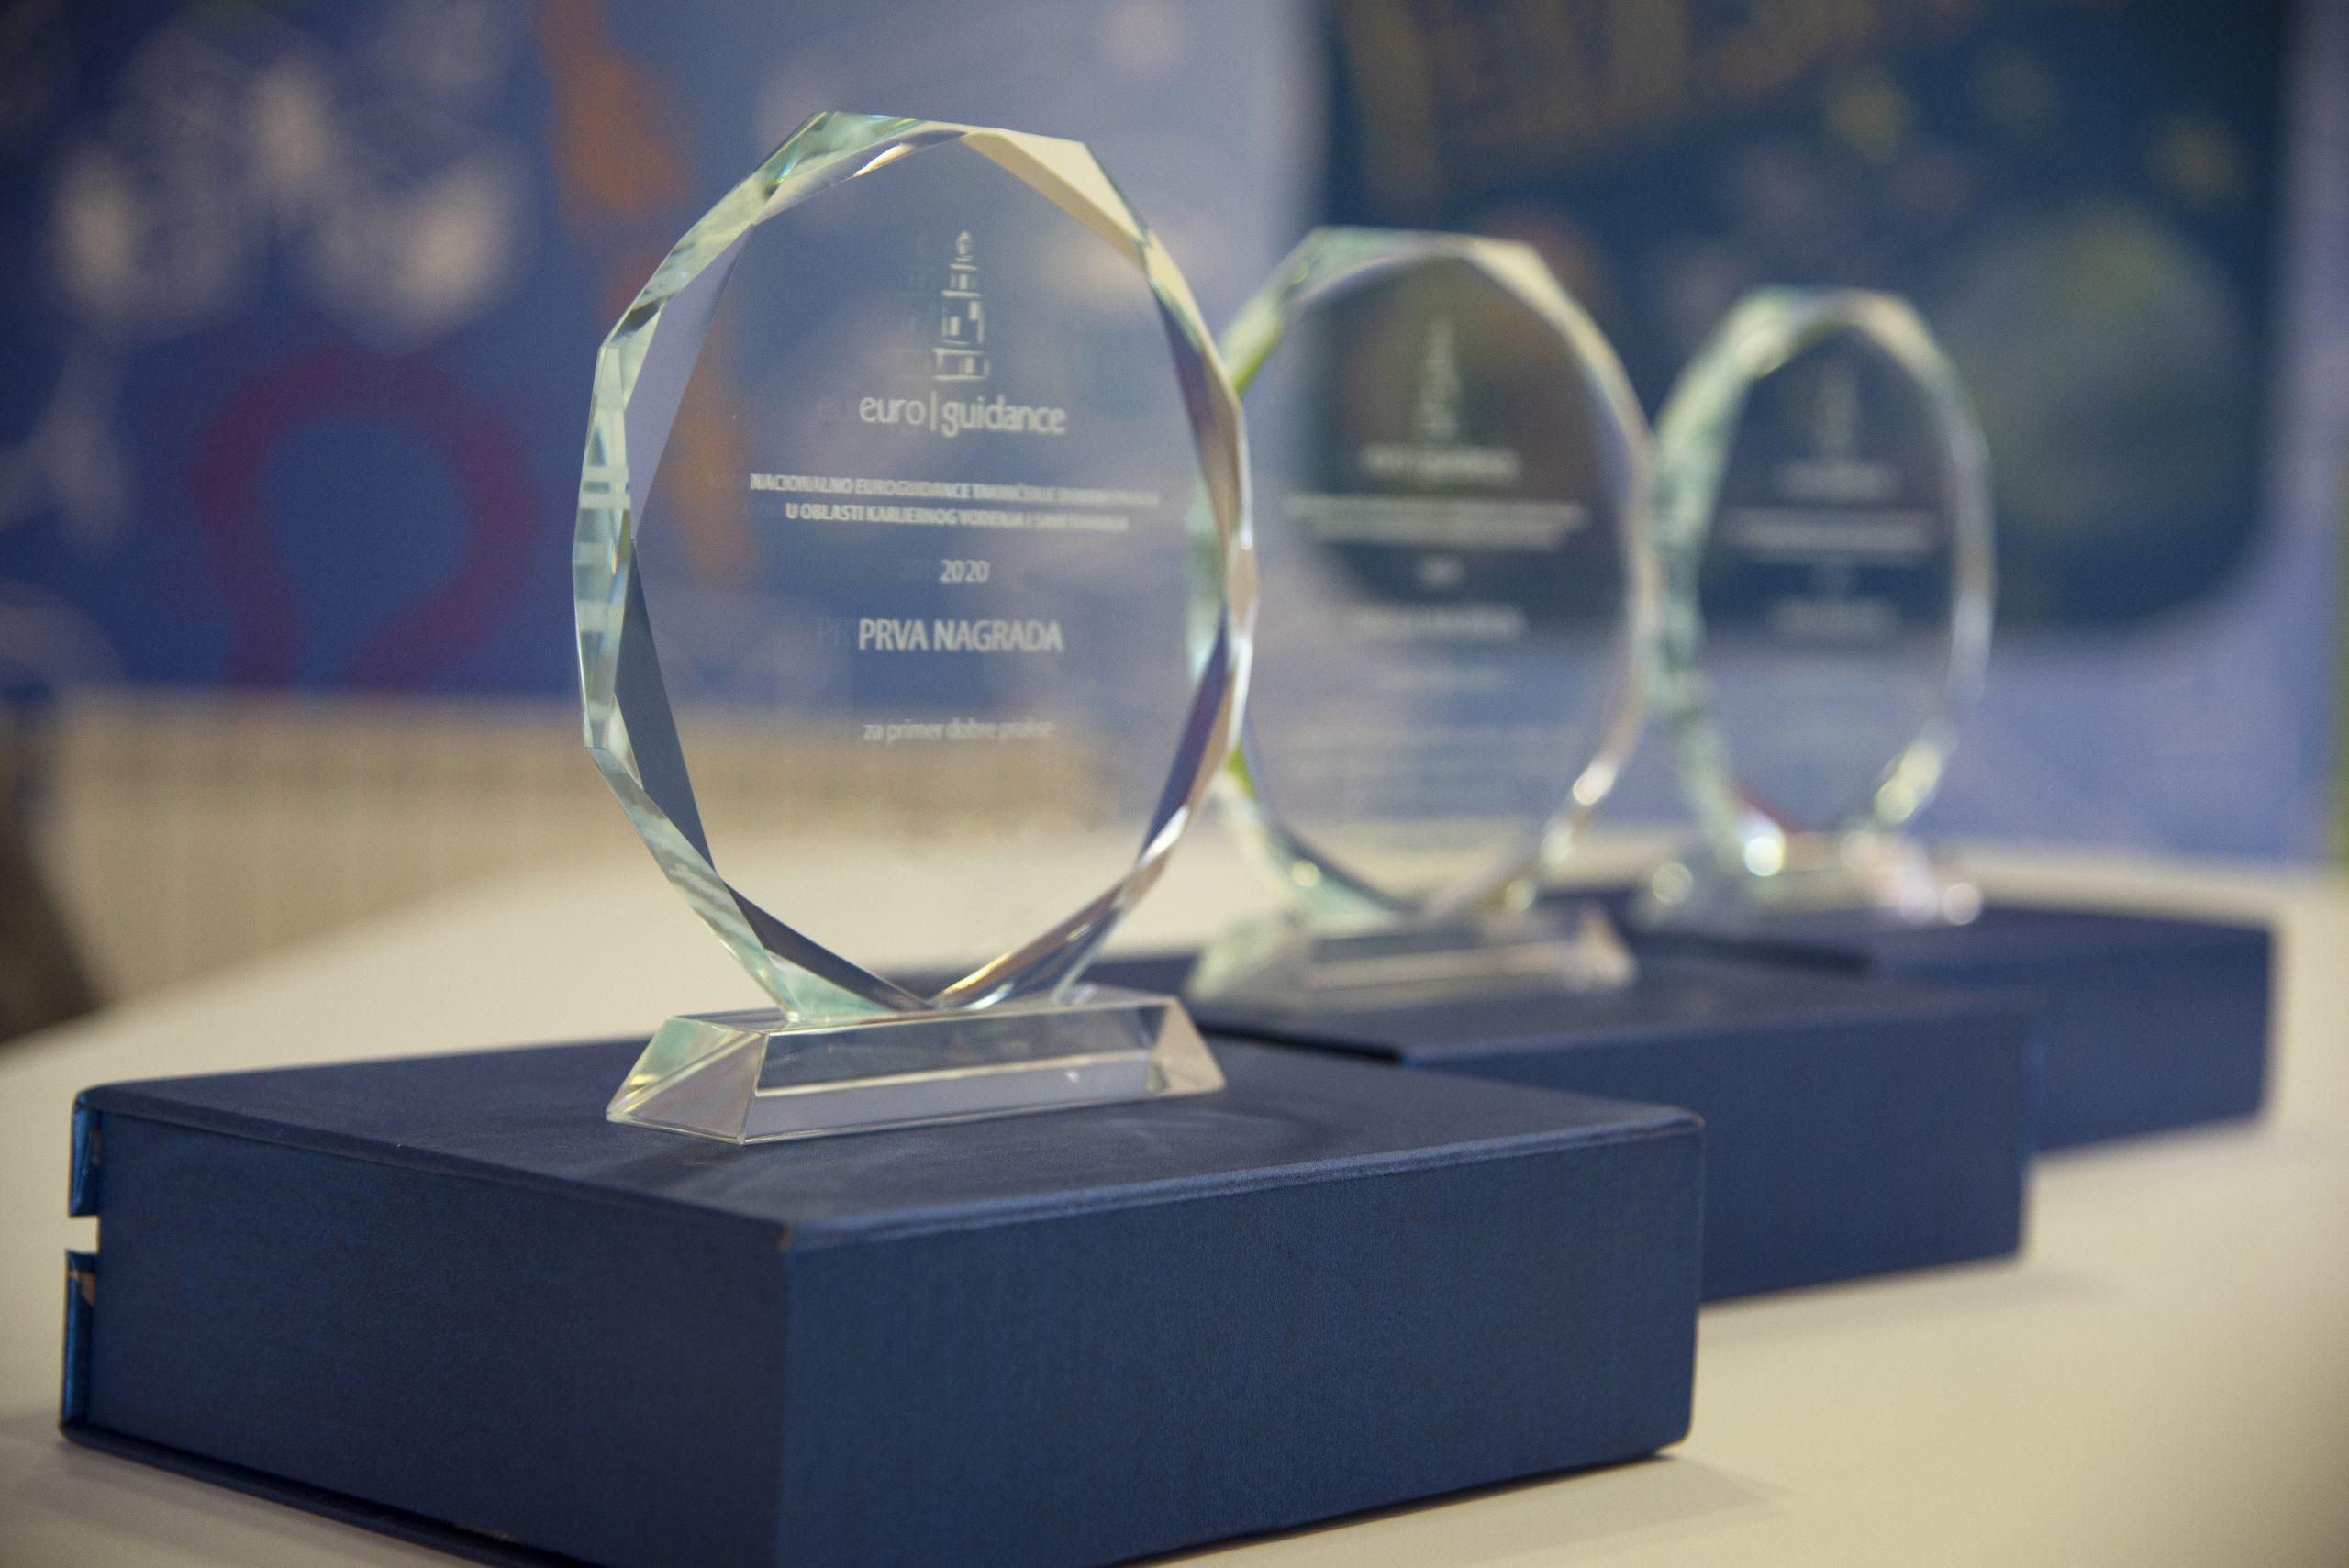 Резултати 5. националног Euroguidance такмичења у области КВиС